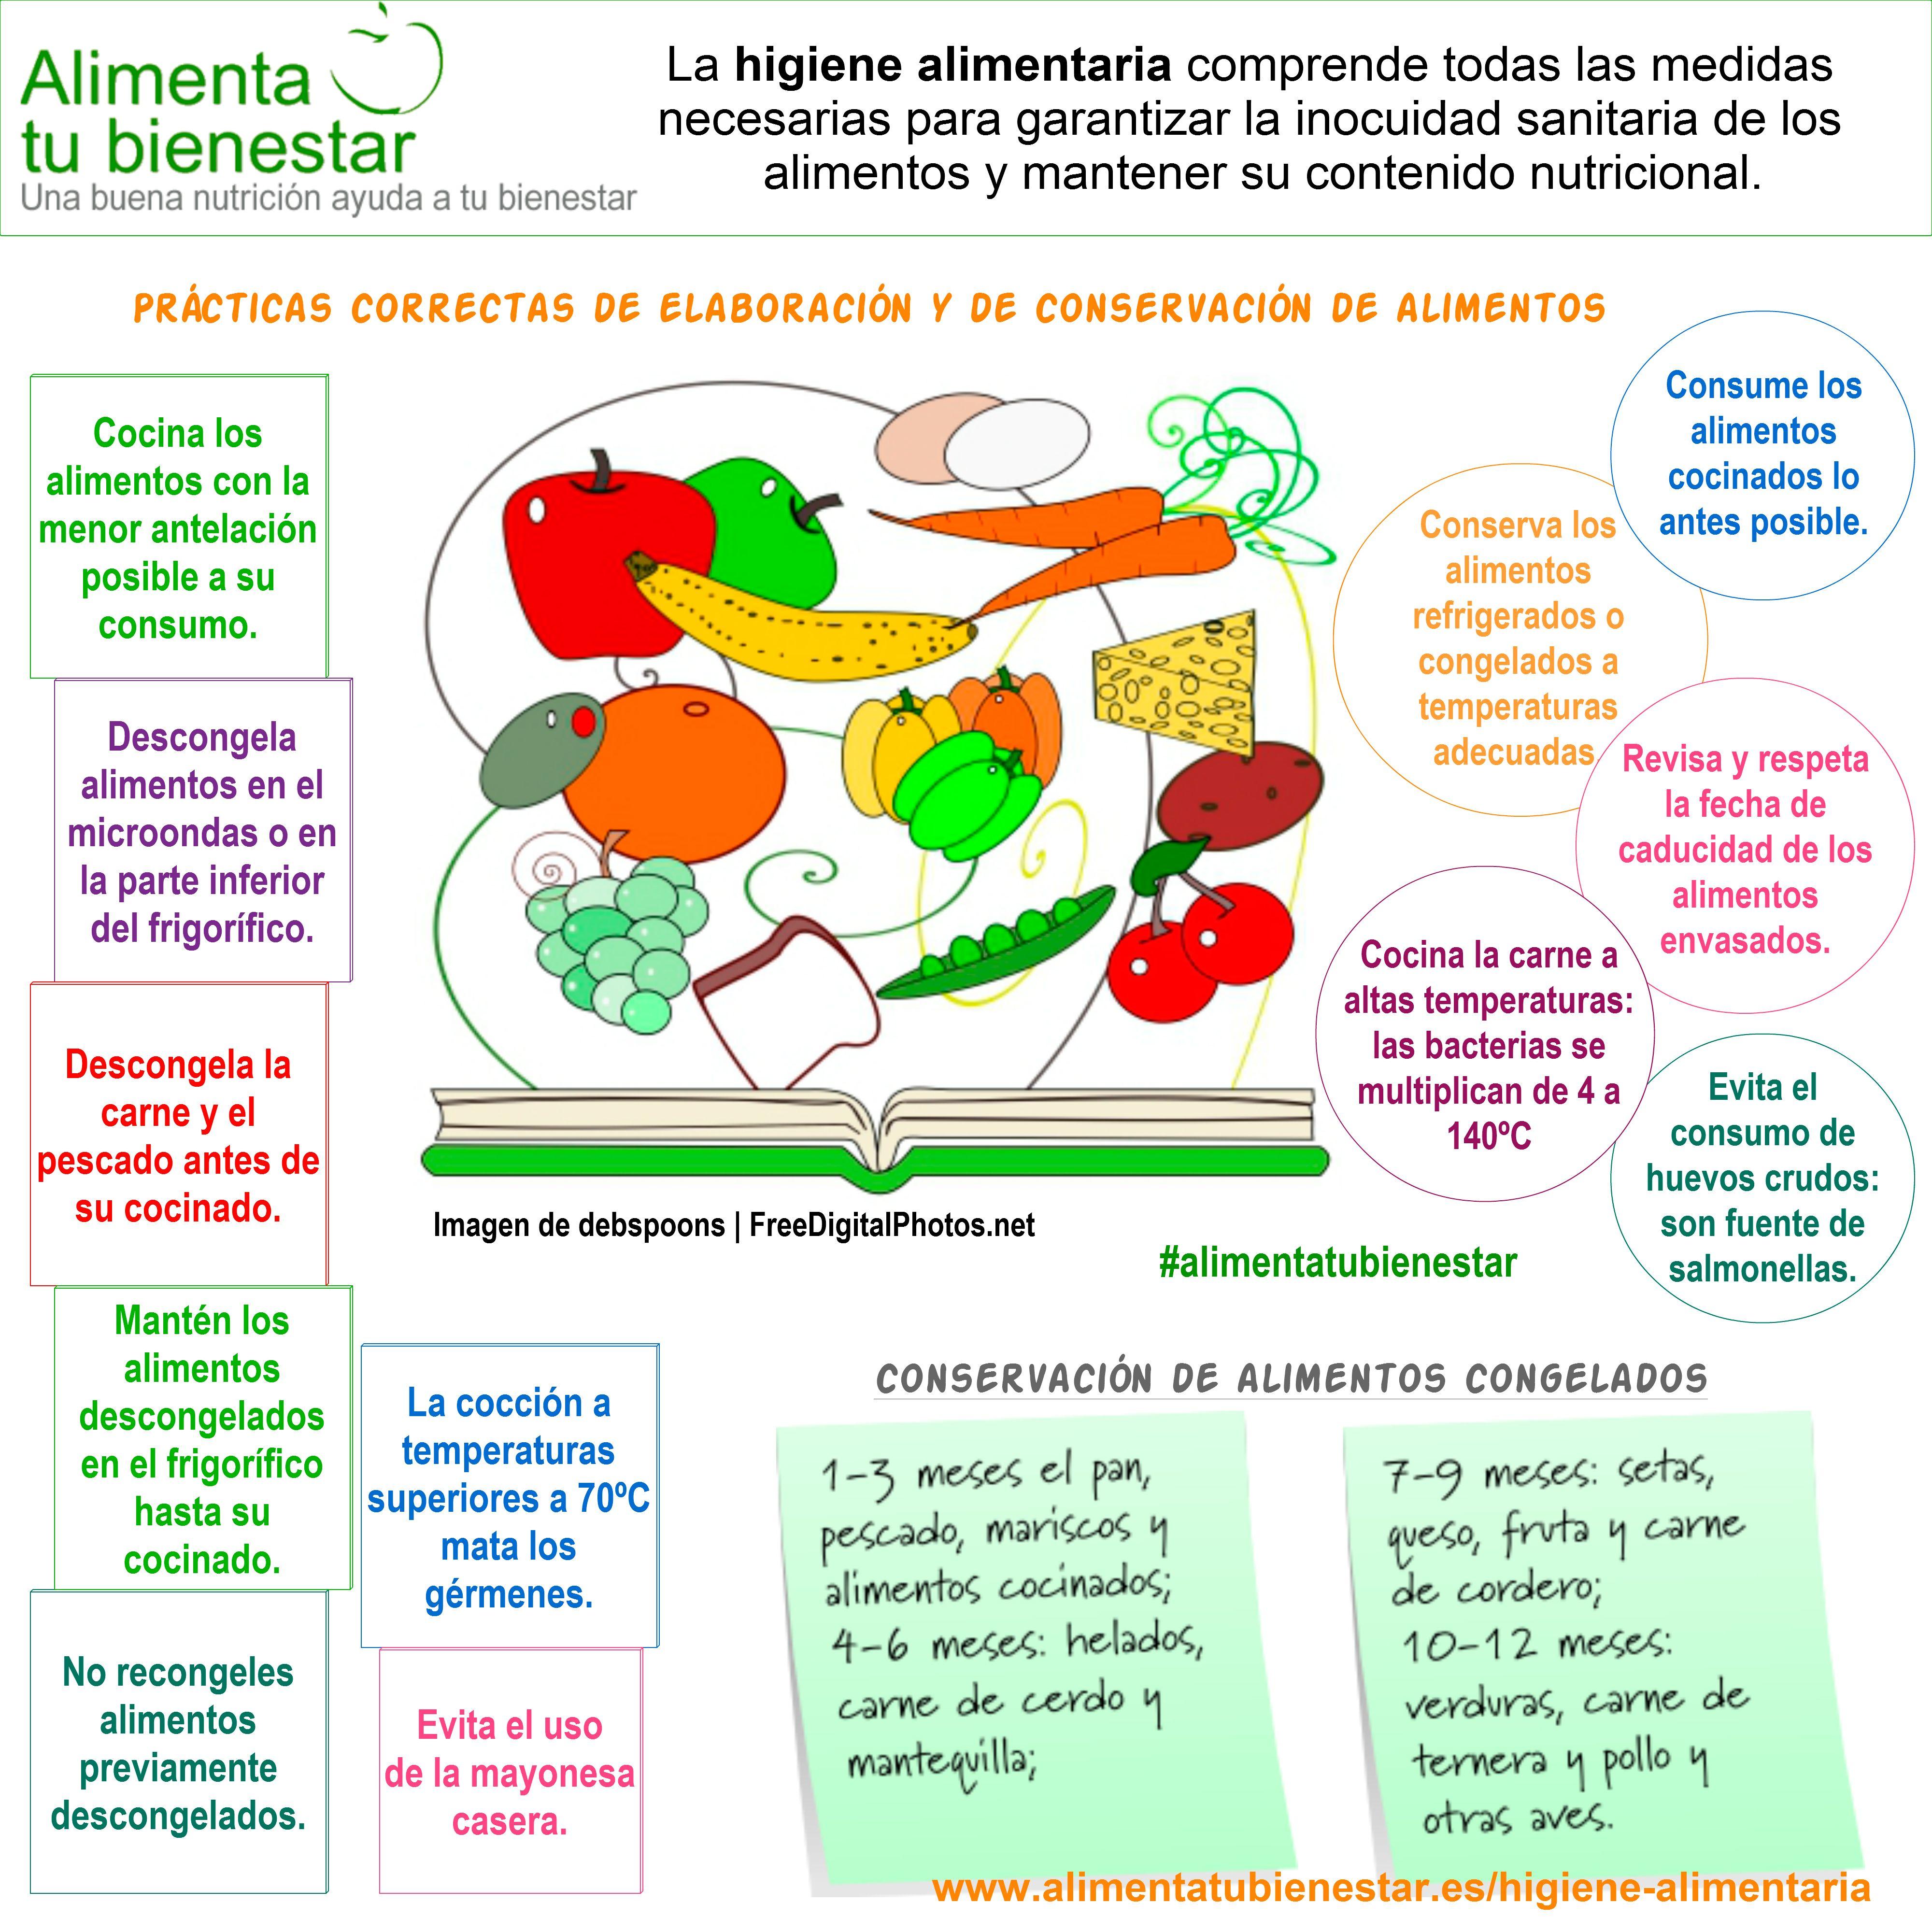 Pautas de higiene alimentaria en el hogar nutricional sanitarios y infografia - Contenido nutricional de los alimentos ...